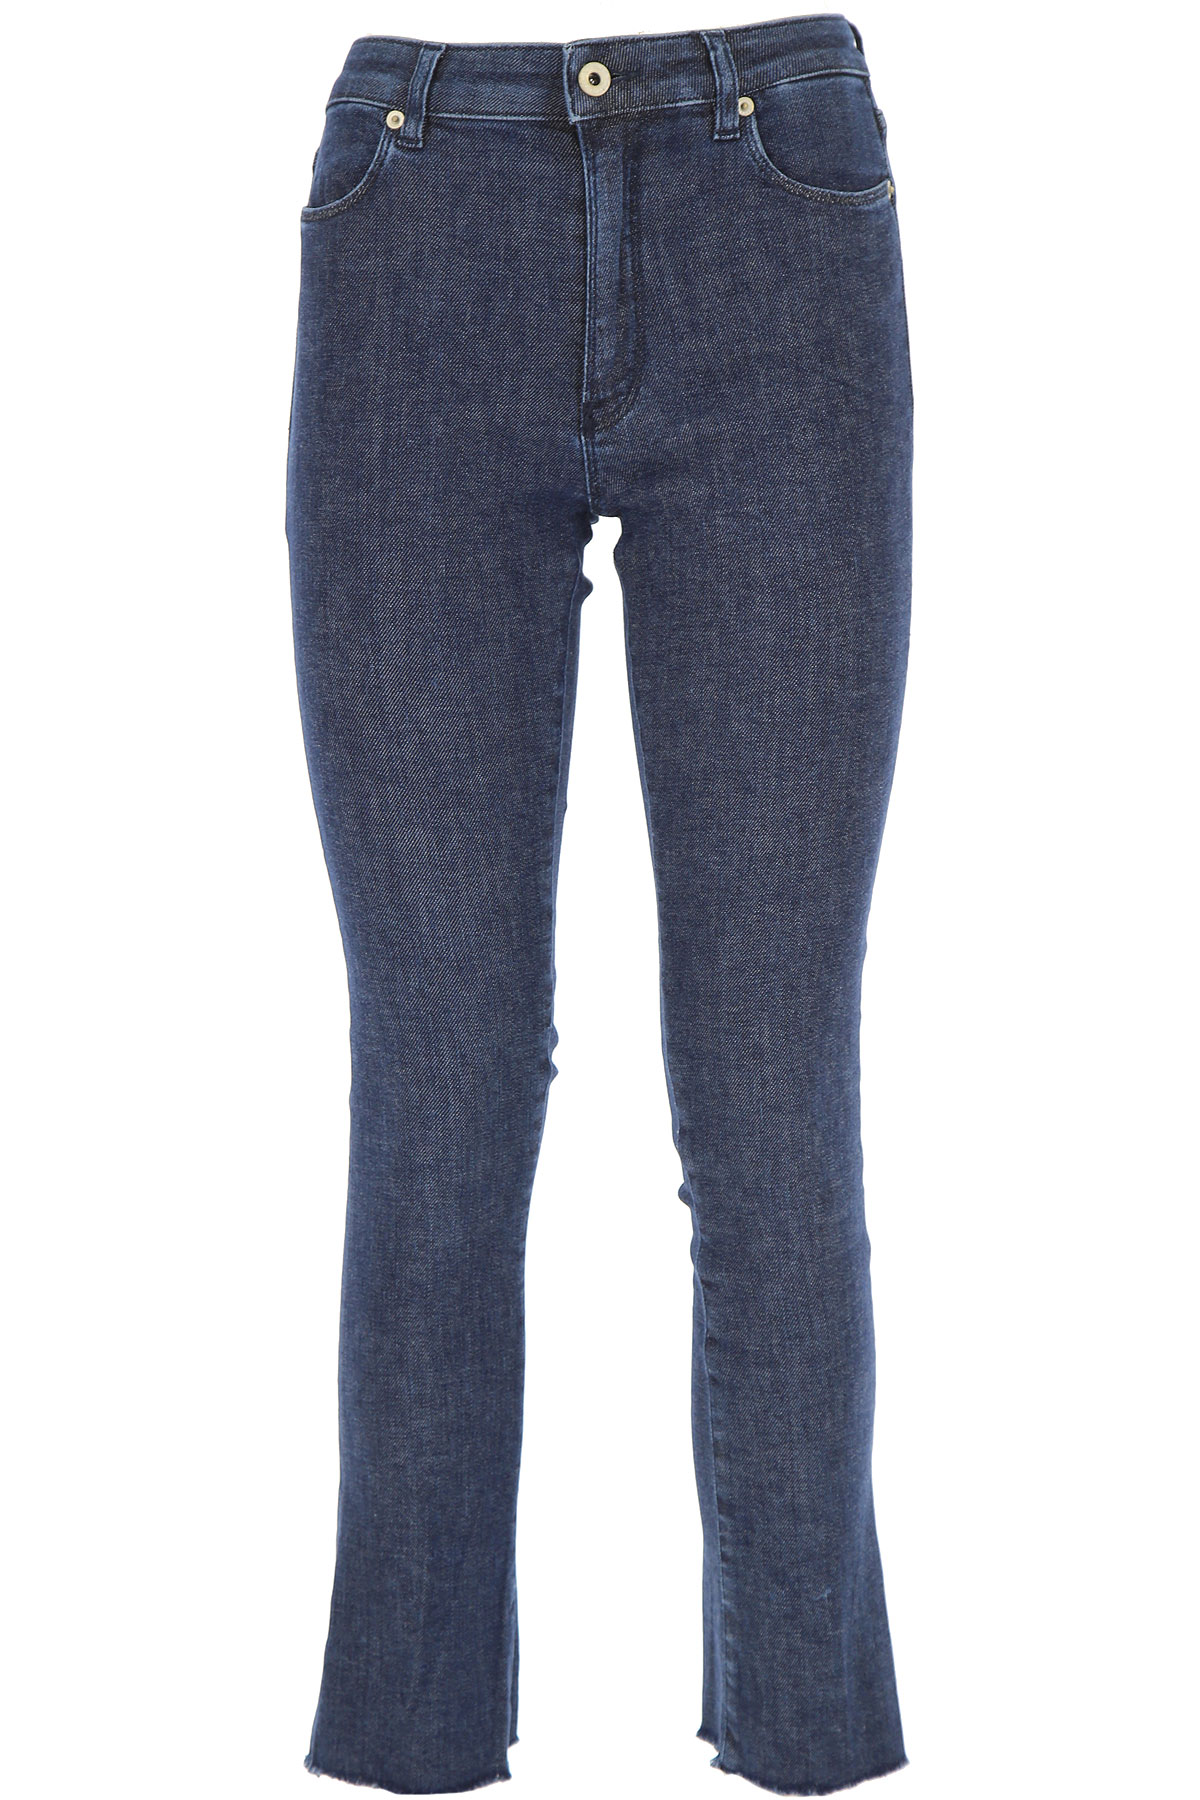 Dondup Jeans, Blue, Cotton, 2017, 26 27 28